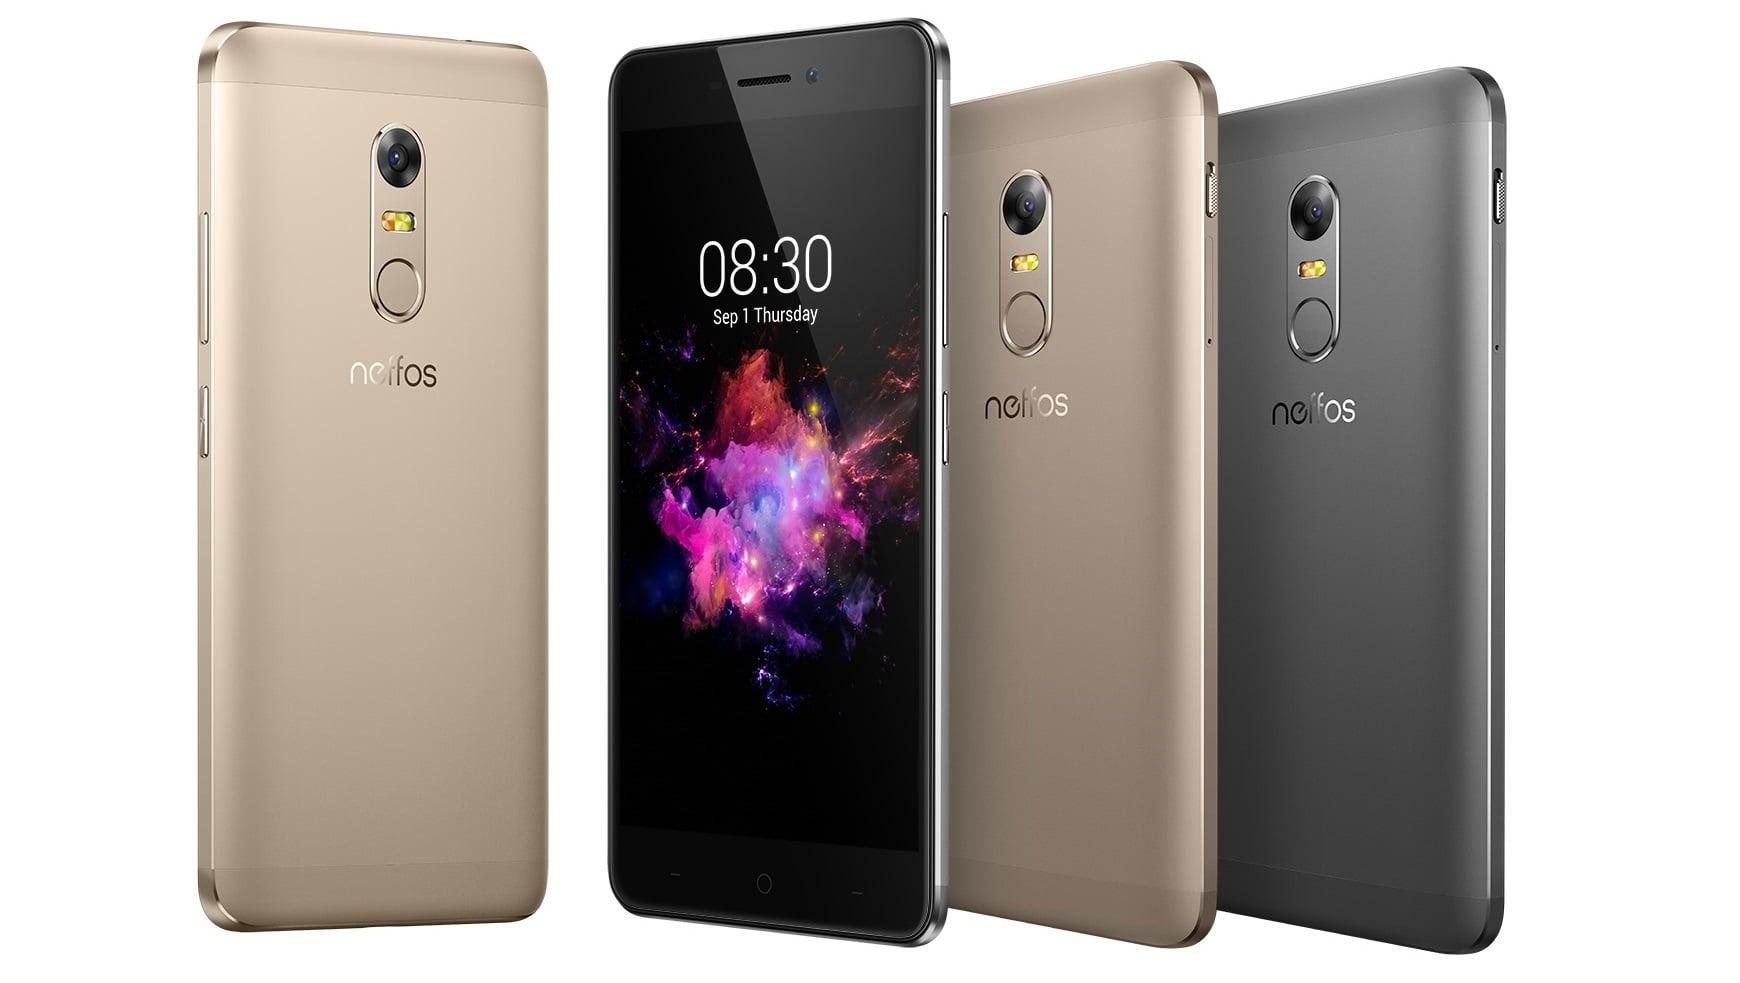 TP-Link przywiozło na IFA 2016 dwa naprawdę ładne smartfony: Neffos X1 i Neffos X1 Max 22